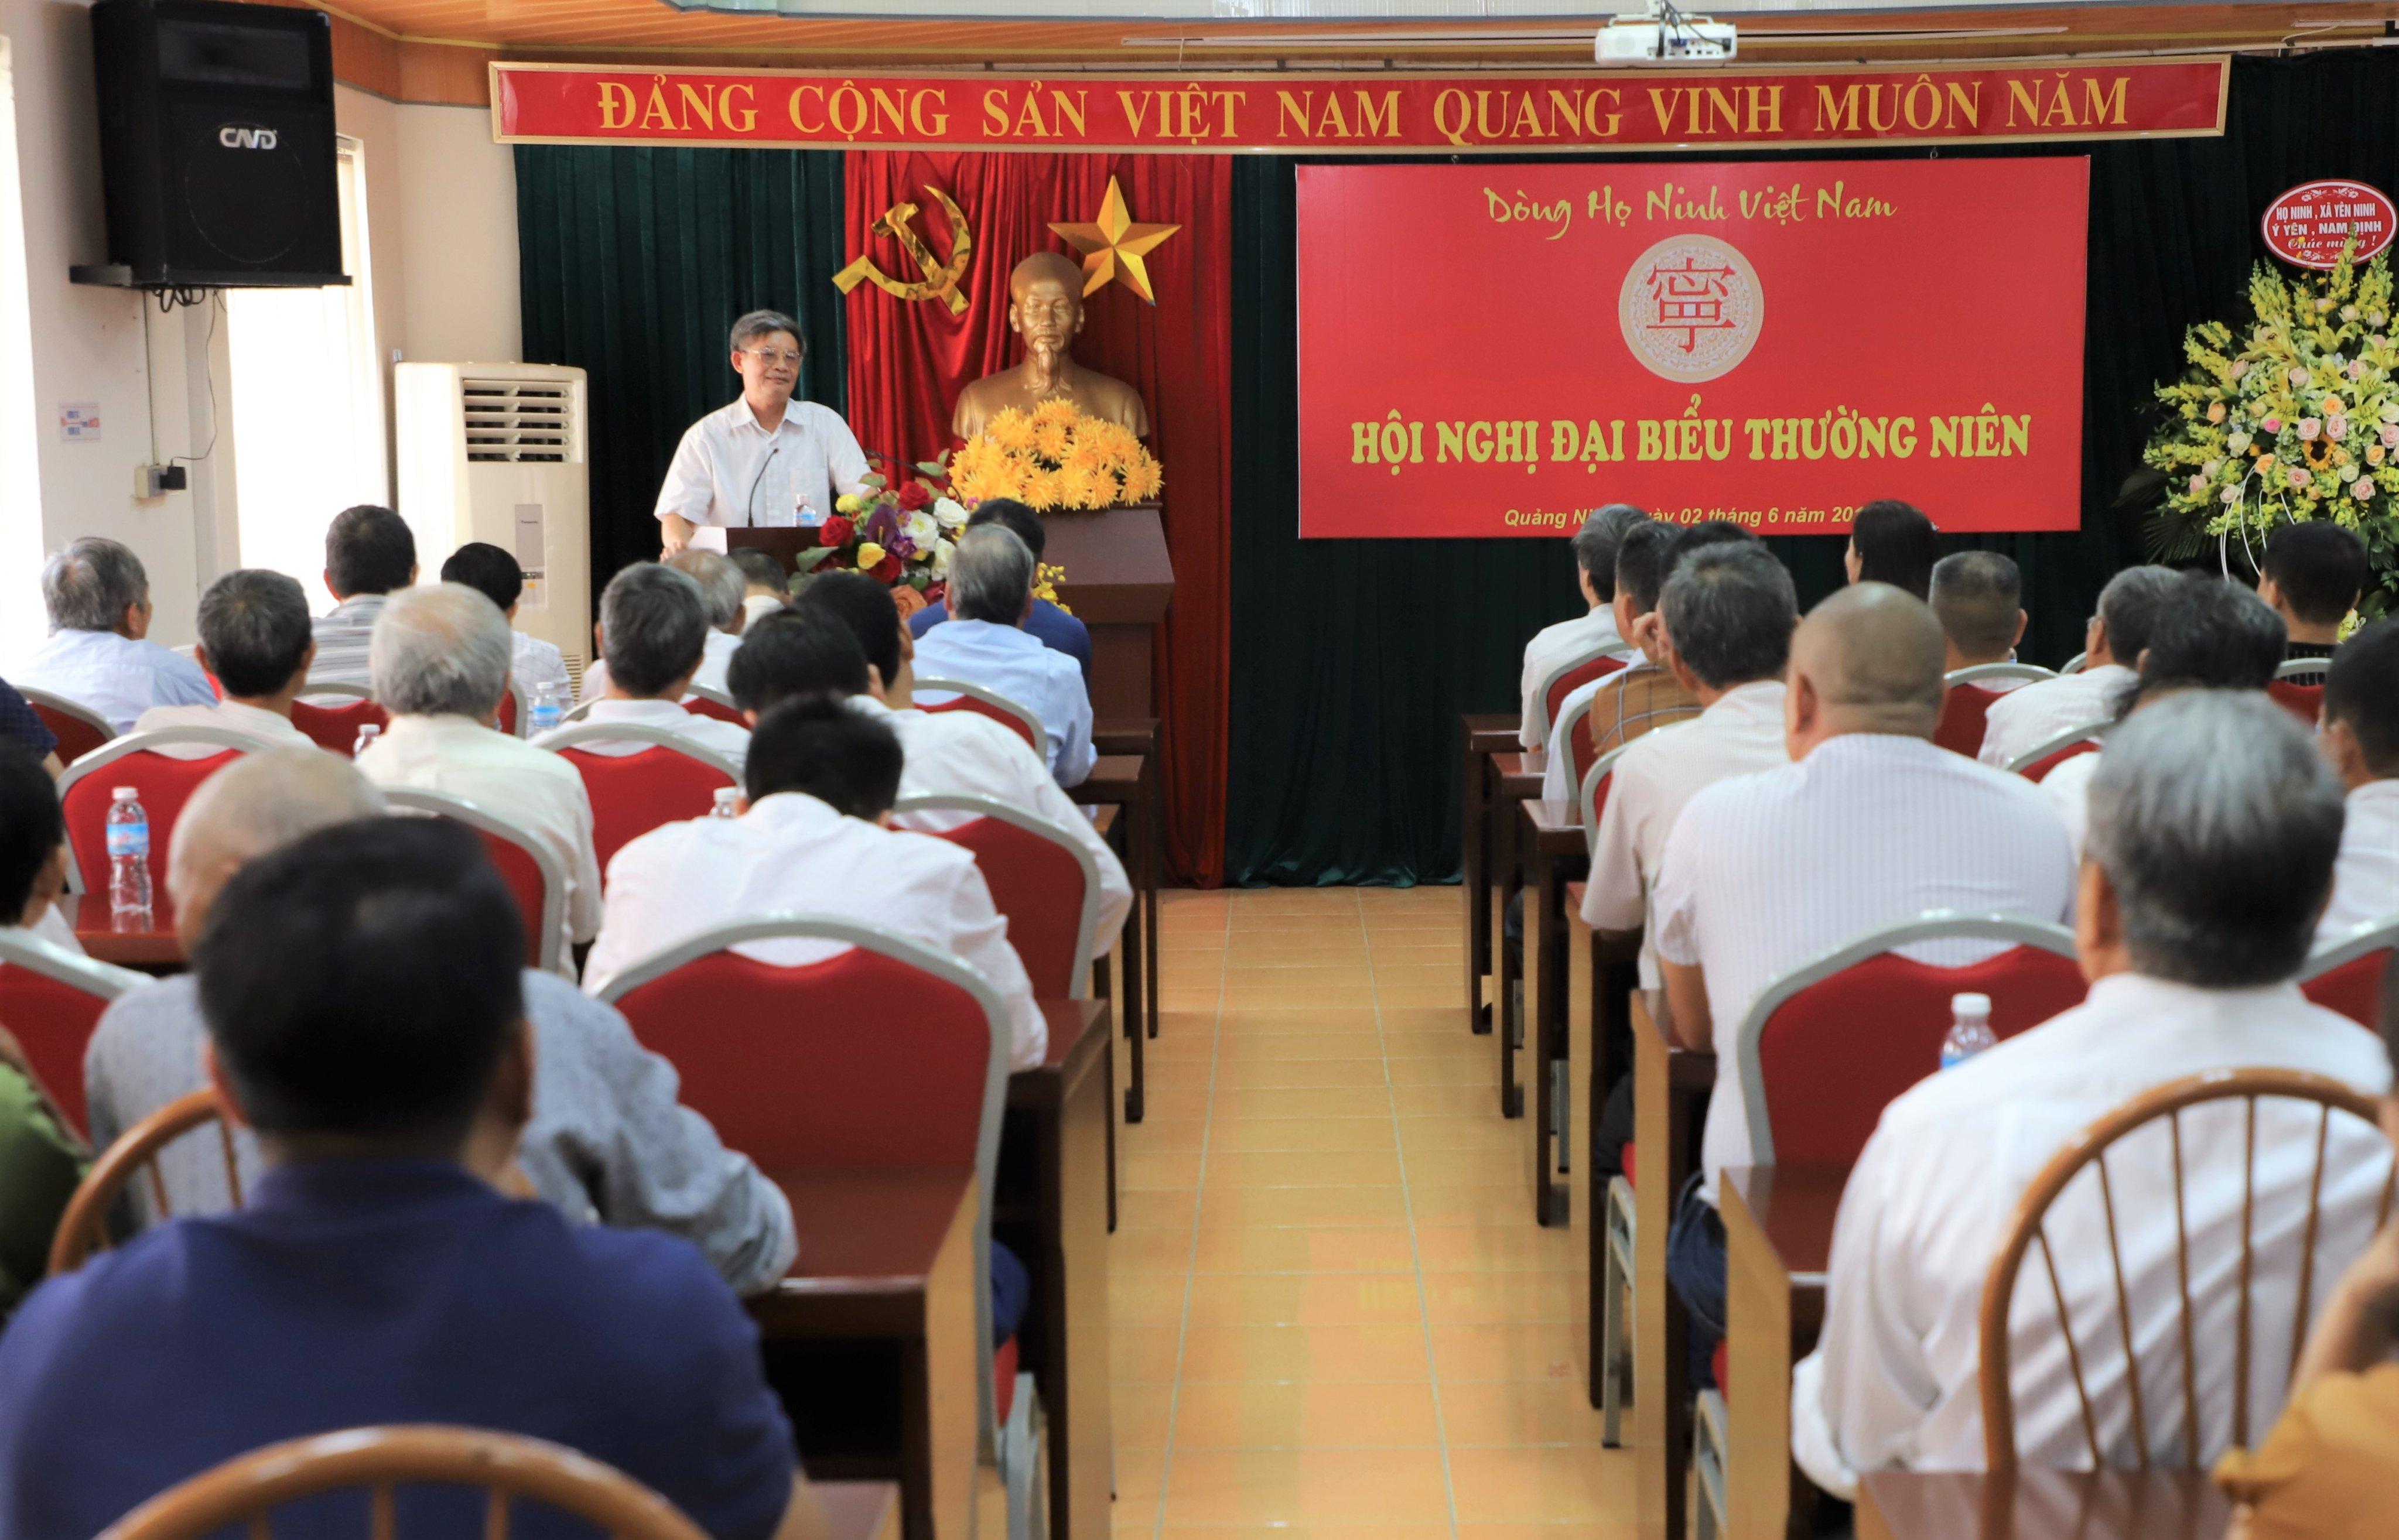 Ông Ninh Quốc Đạt, phát biểu tham luận tại đại hội